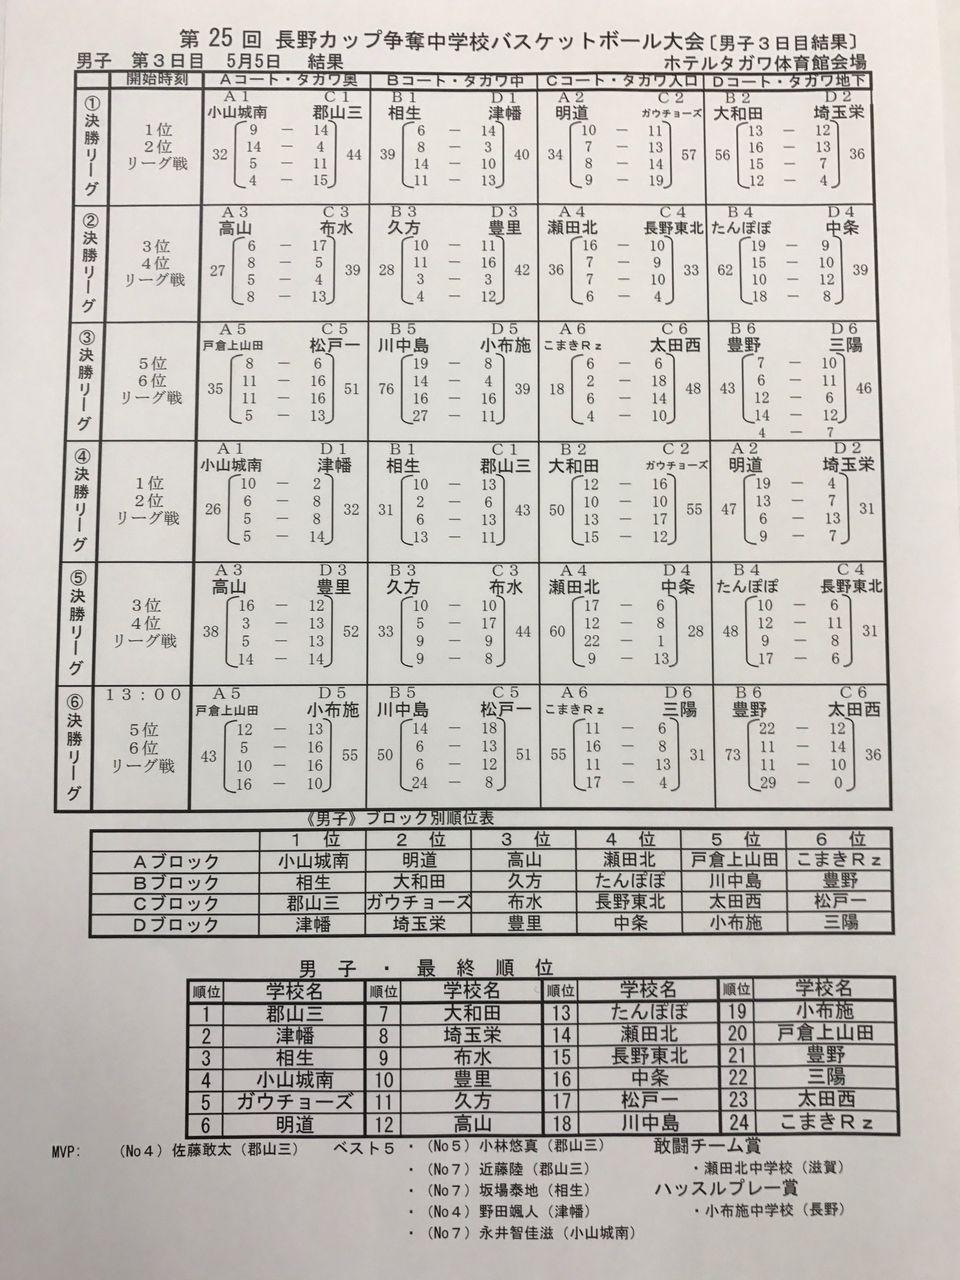 25回長野カップ結果 男子